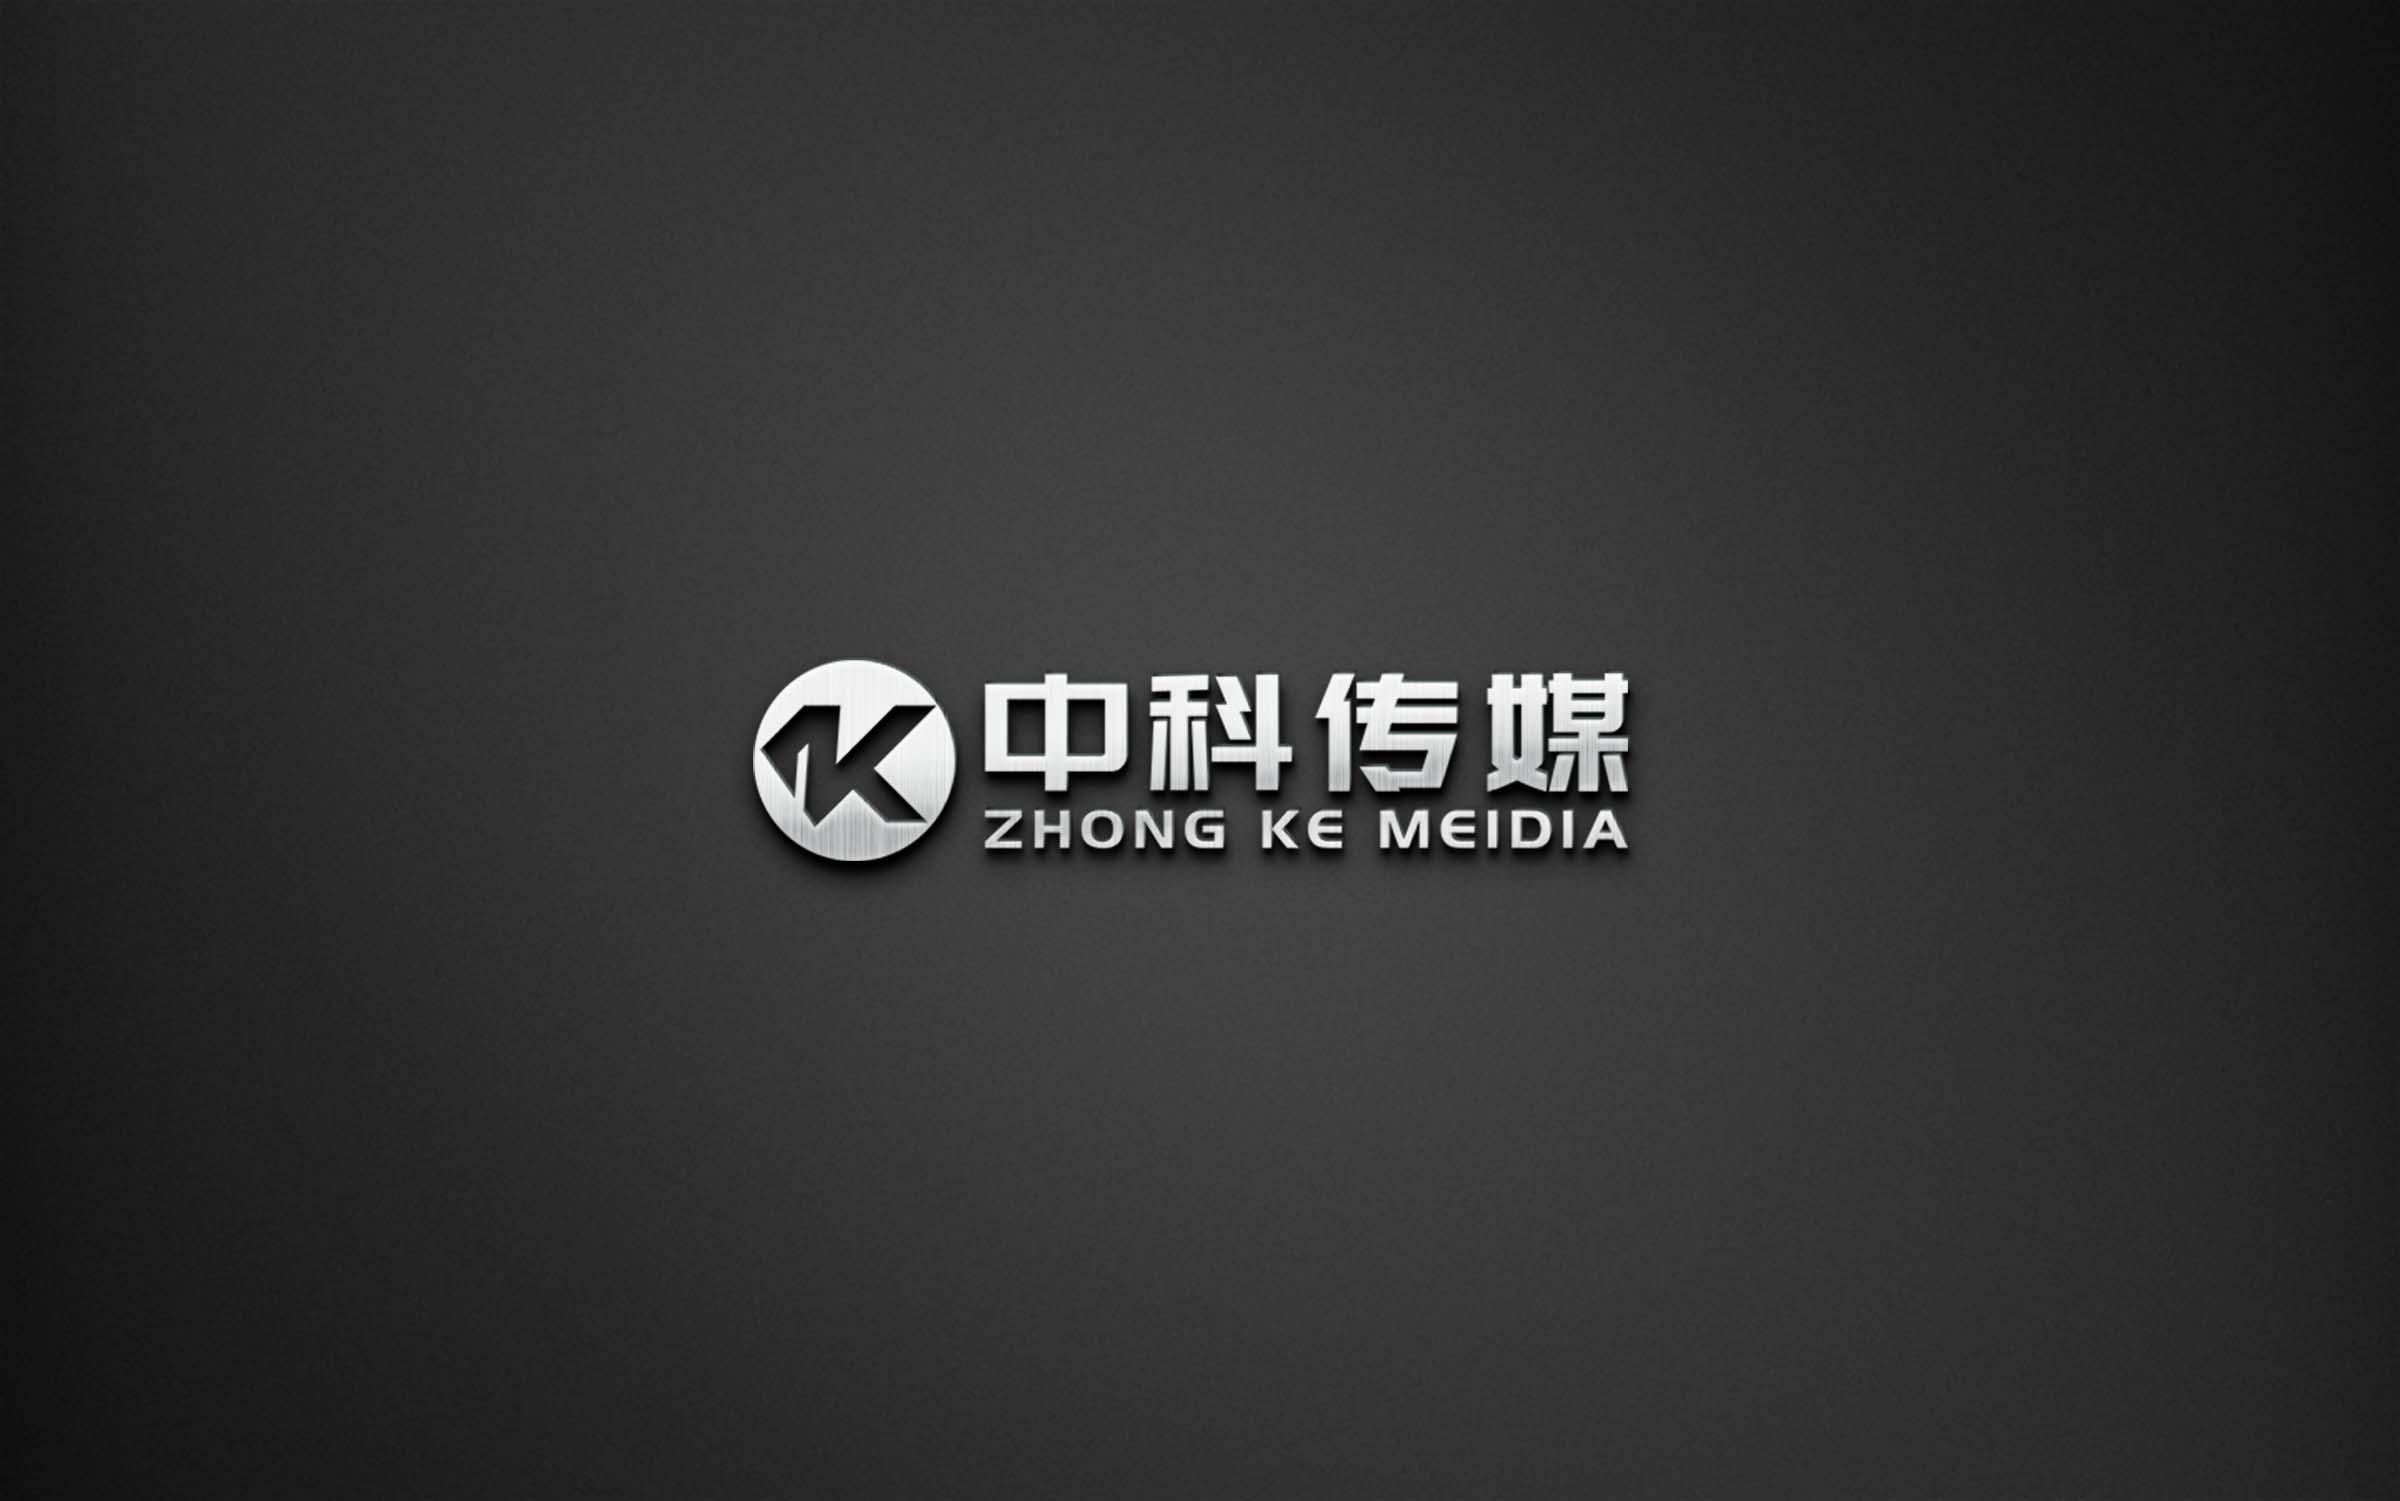 中英文LOGO 设计_3025593_k68威客网